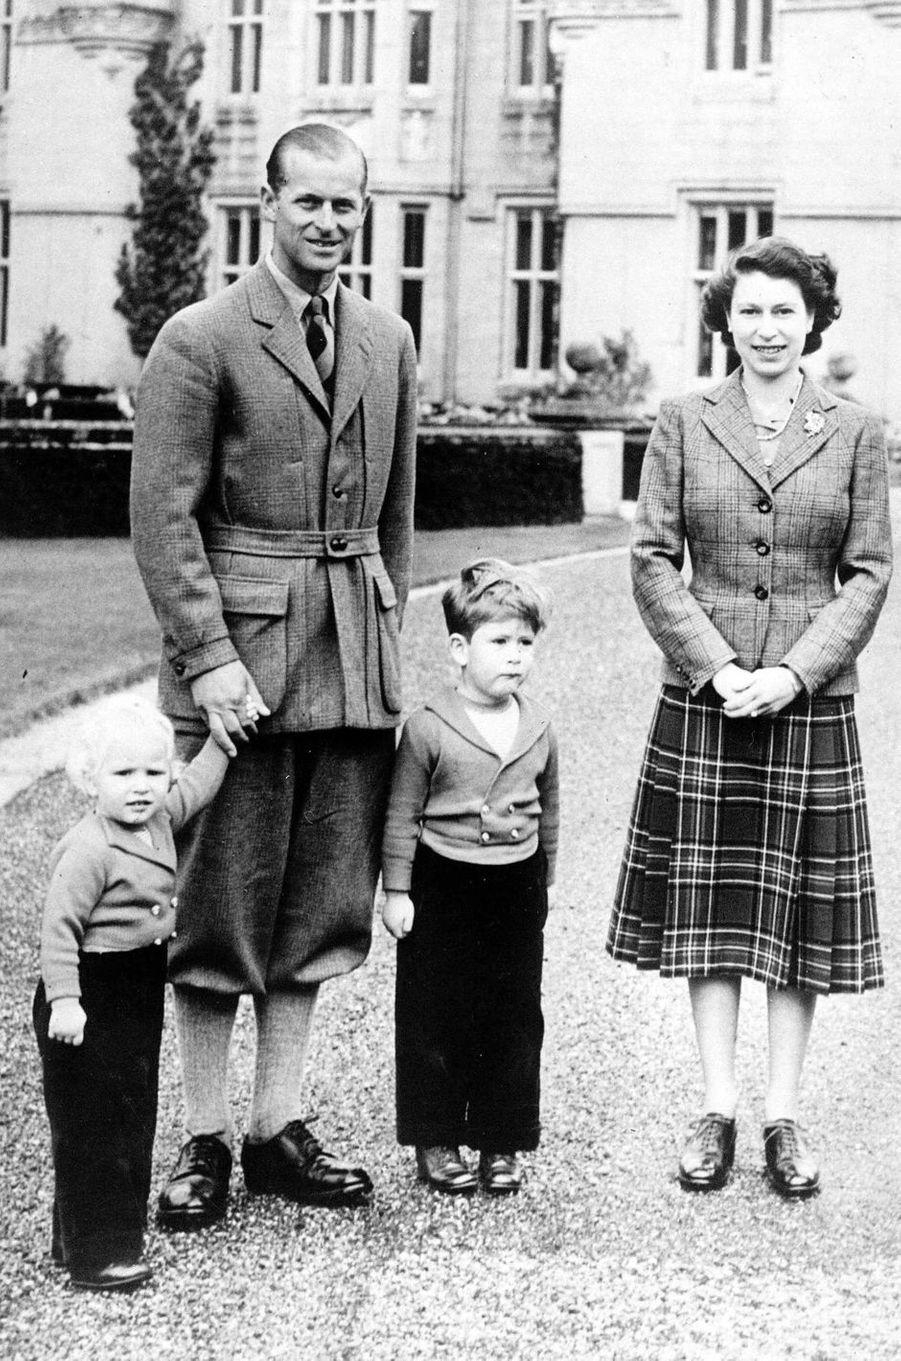 La reine Elizabeth II et le prince Philip, avec le prince Charles et la princesse Anne, le 27 septembre 1952